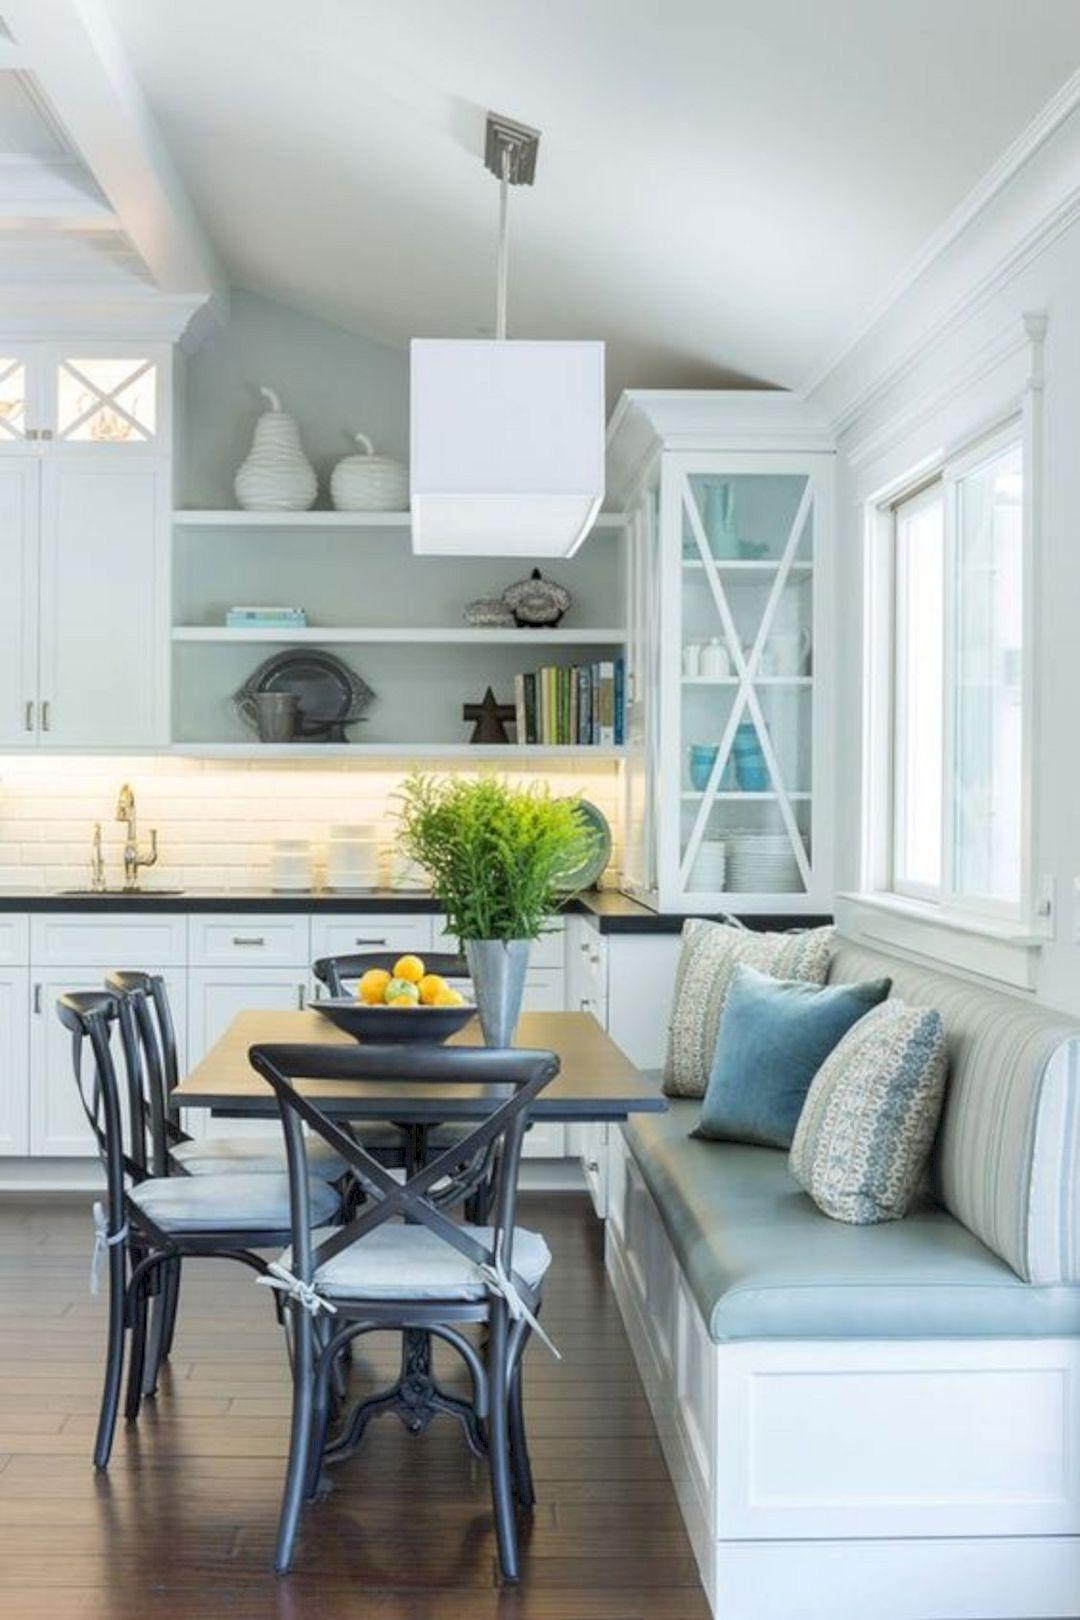 15 Kitchen Bench Designs | Kitchen | Pinterest | Bench designs ...